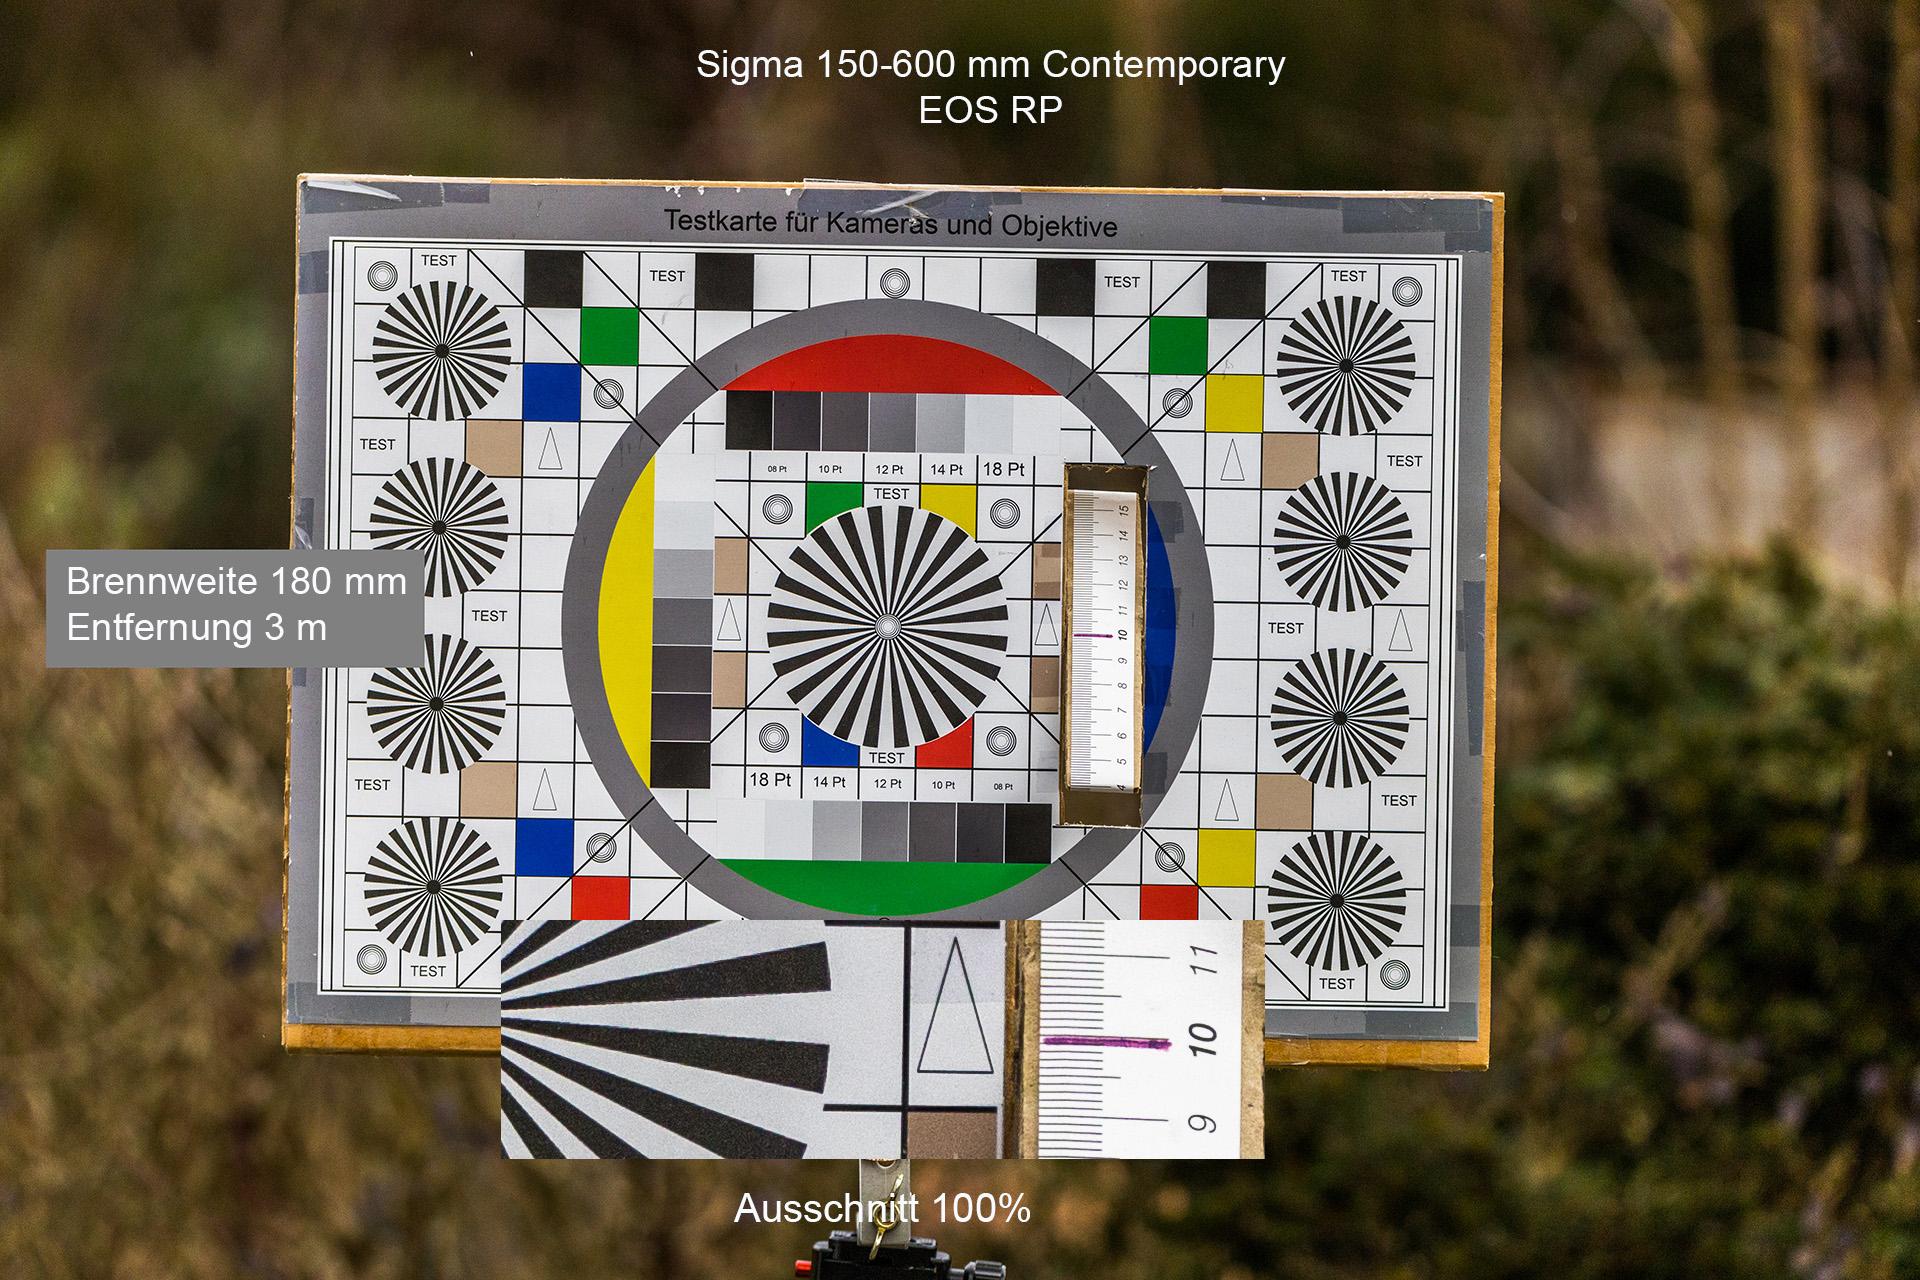 Testaufnahmen mit Sigma 150-600 mm, Canon EOS RP, 180 mm, 3 Meter